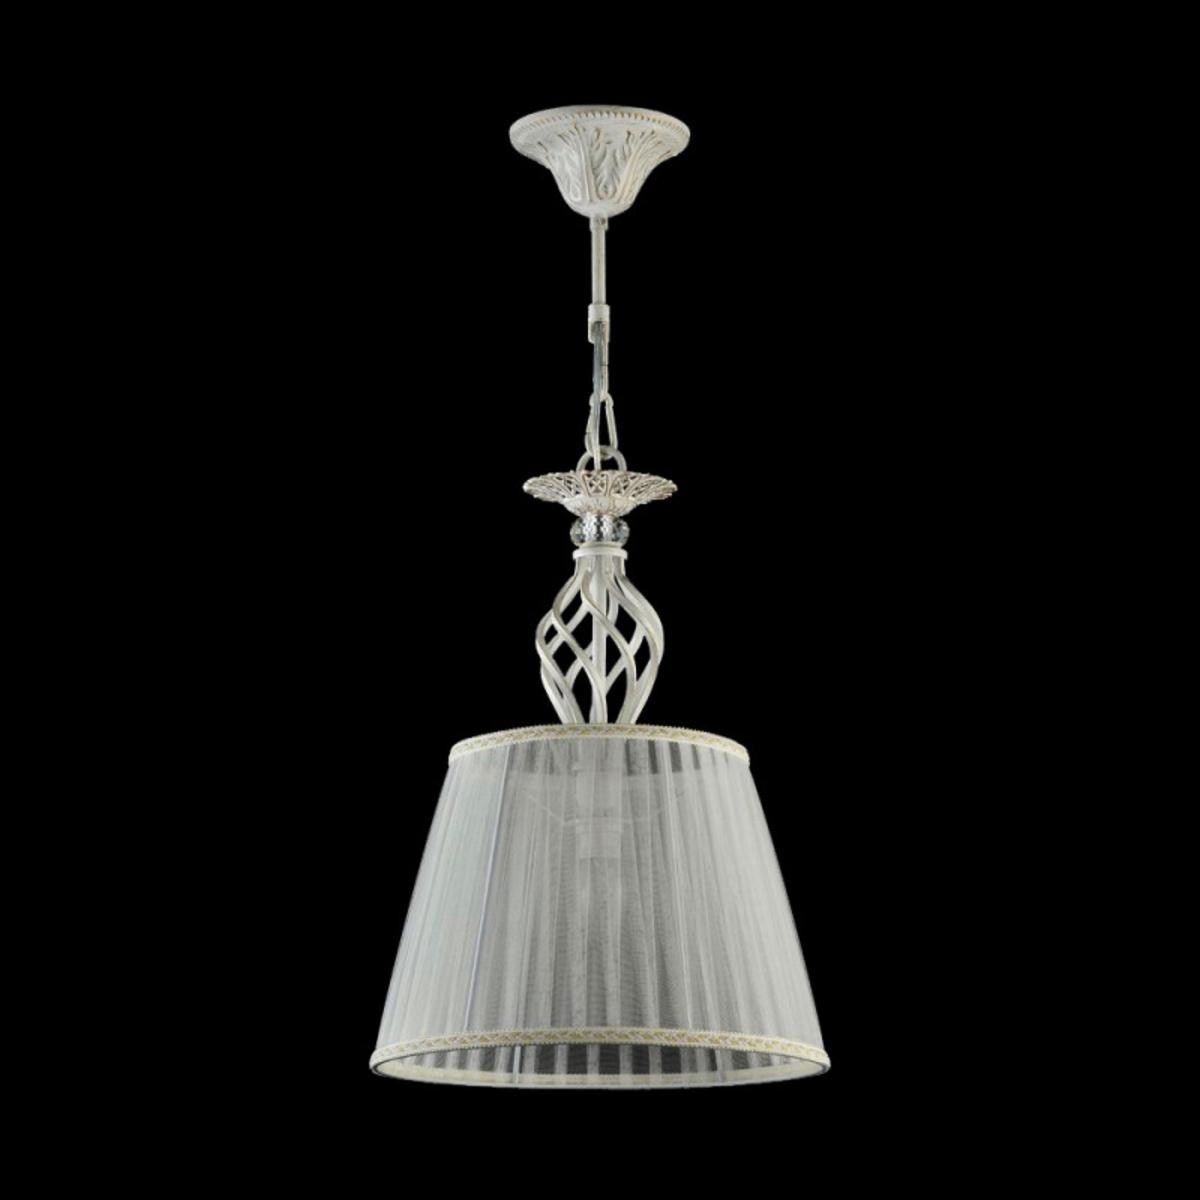 Подвесной светильник Elegant+ARM247 ARM247-PL-01-G